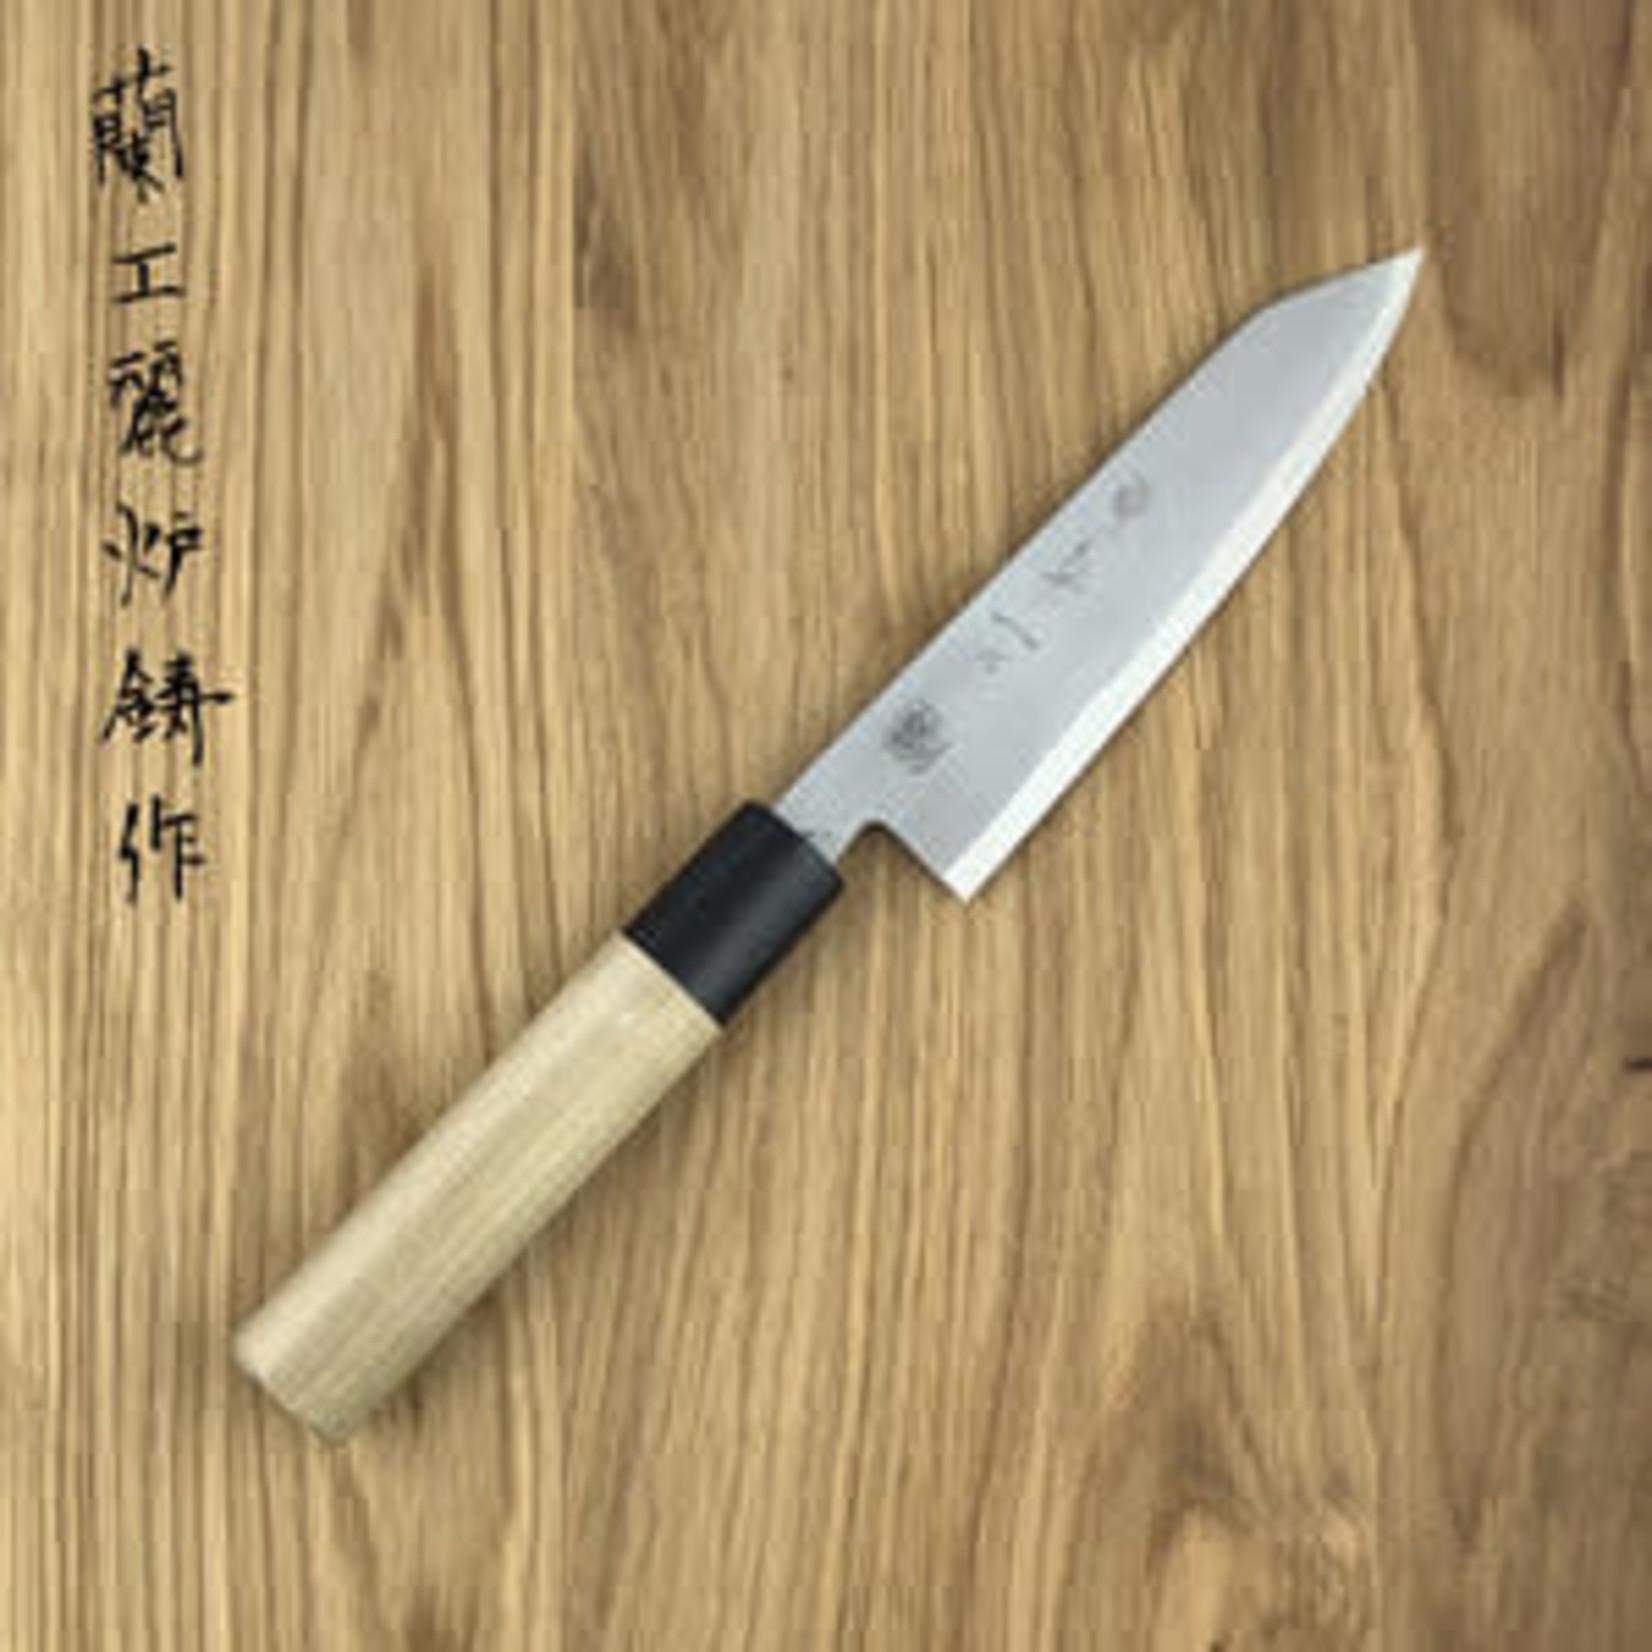 KIKUICHI Kokaji Petty White Carbon 150 mm Mag/Ovaal Handle With Saya